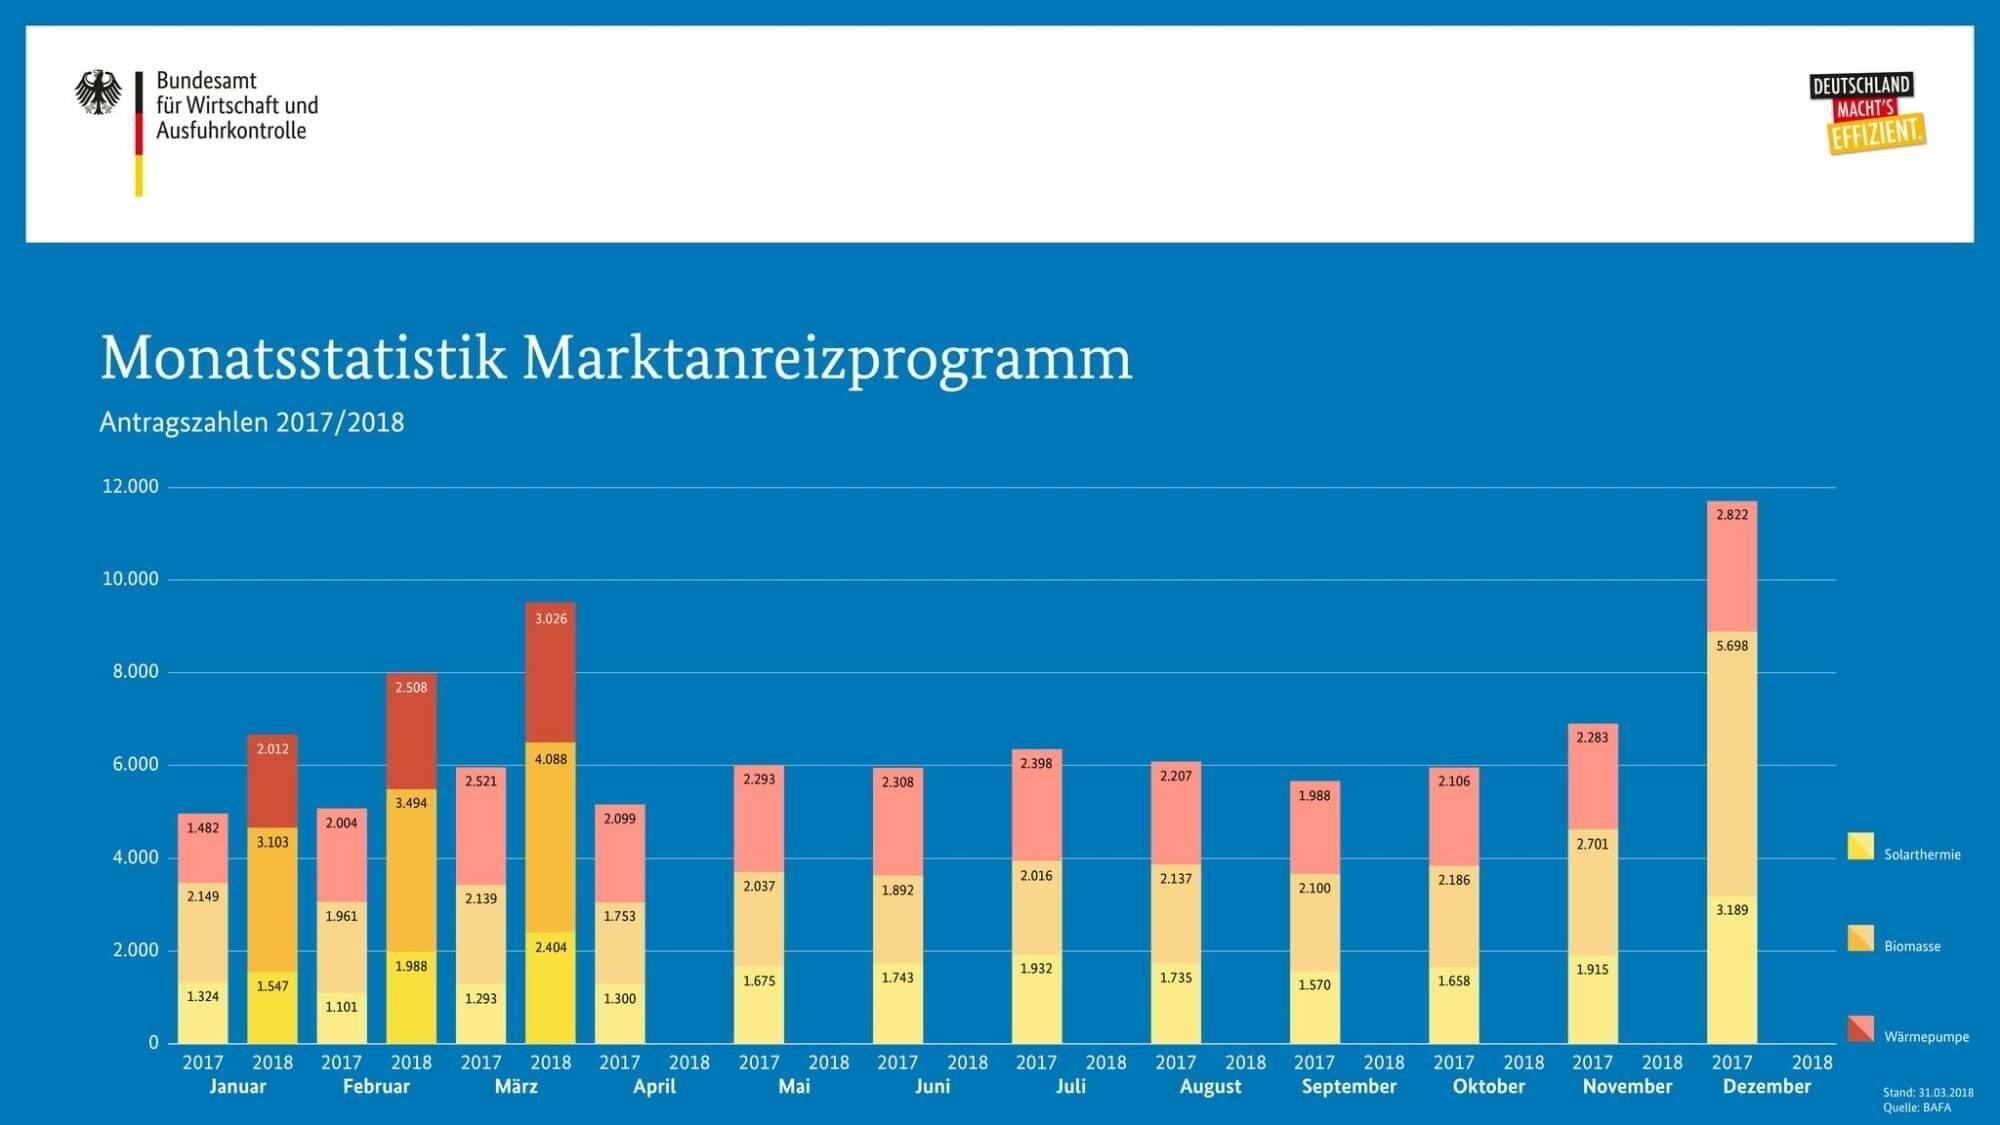 Entwicklung Antragszahlen Marktanreizprogramm